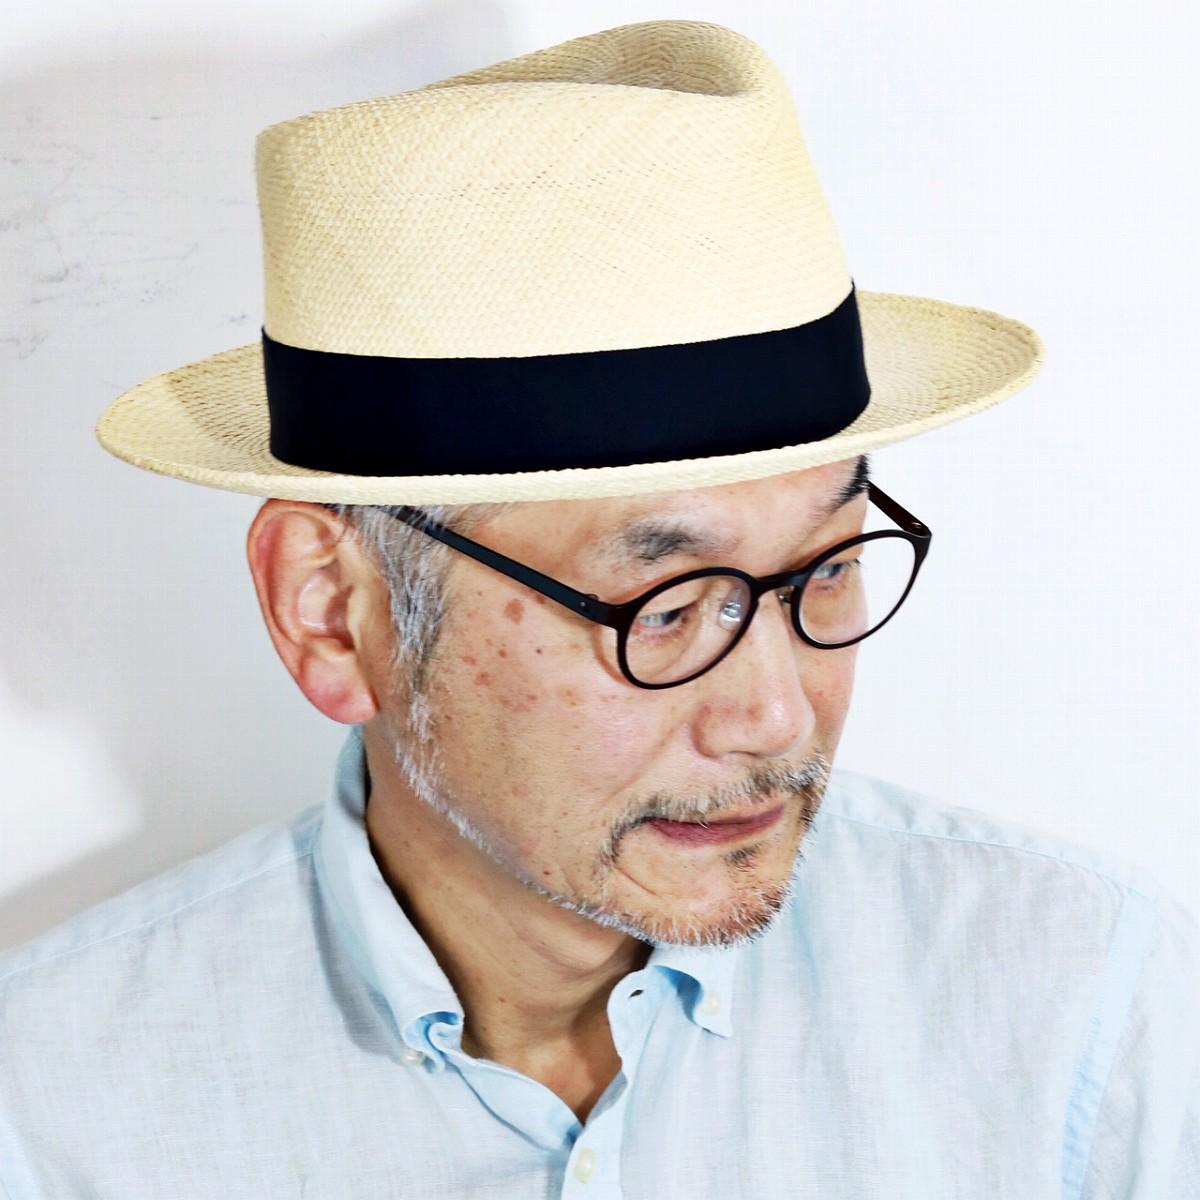 パナマハット メンズ 夏 ステットソン 帽子 ブランド ハット STETSON パナマ帽 紳士 stetson ストローハット 日本製 58cm 60cm パナマ帽子 リボン 麦わら帽子 シンプル お洒落 / ネイビーリボン [ fedora ] [ panama hat ] 父の日 ギフト 誕生日 プレゼント